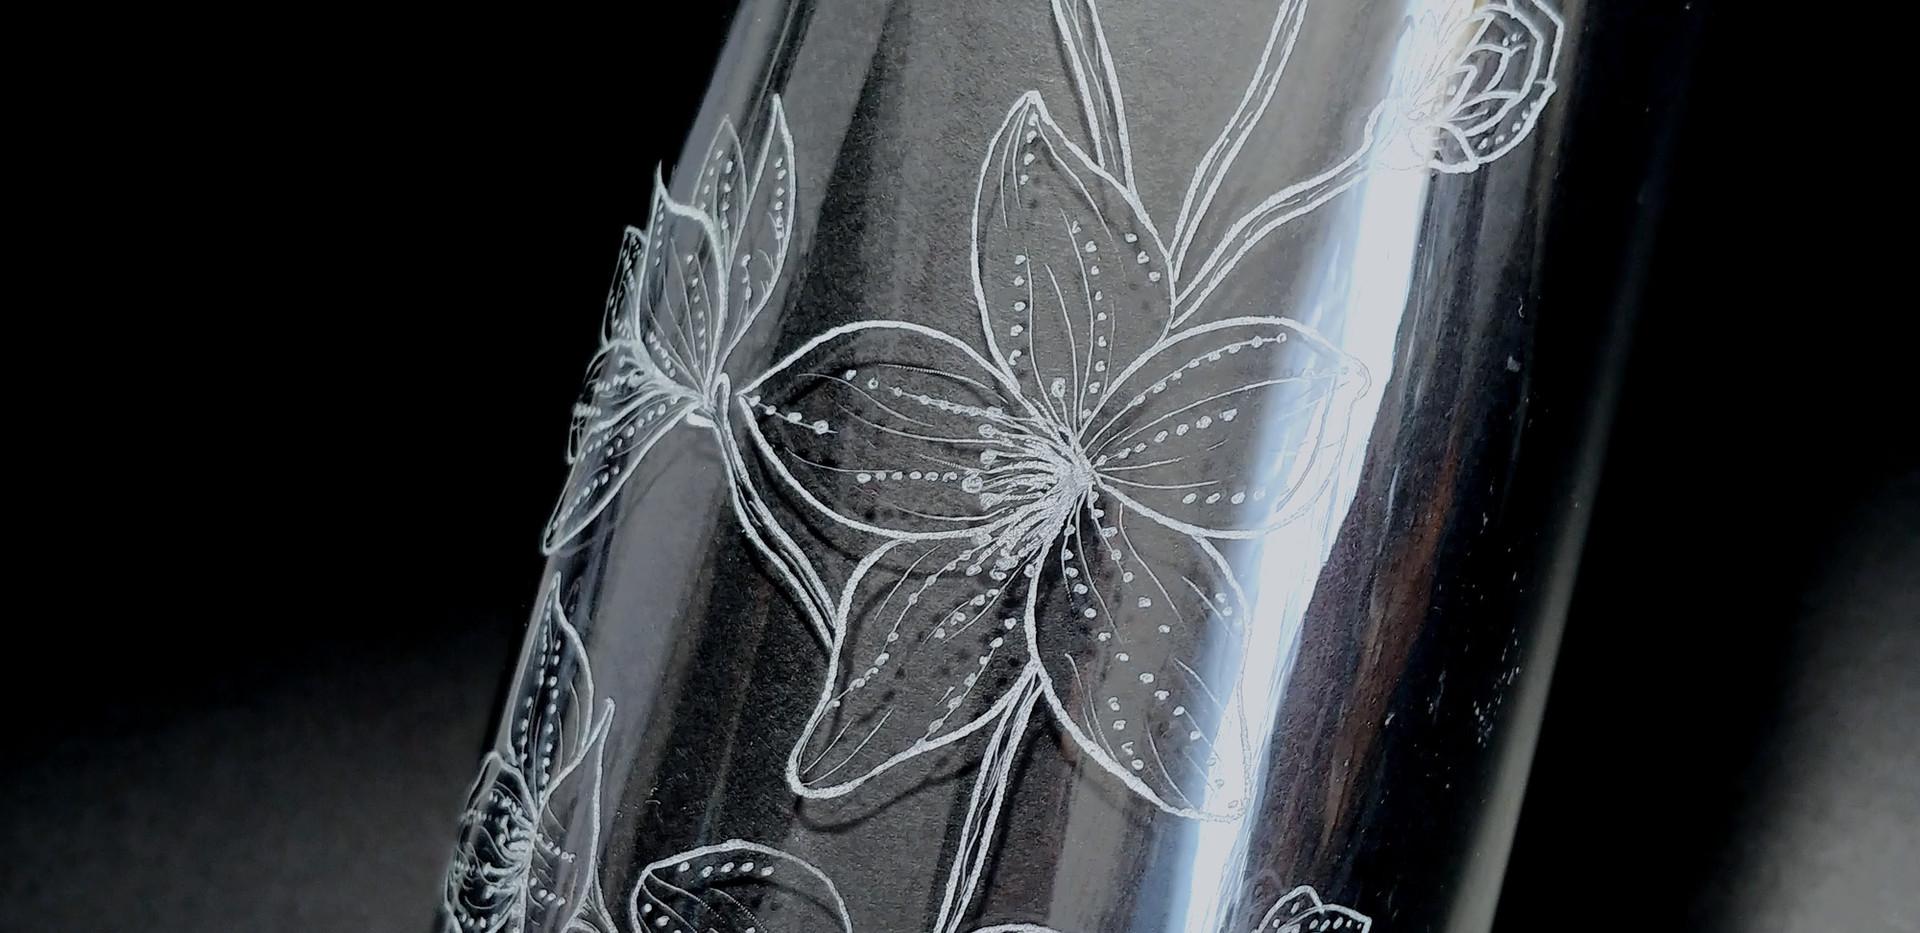 Floral Engraved Vase